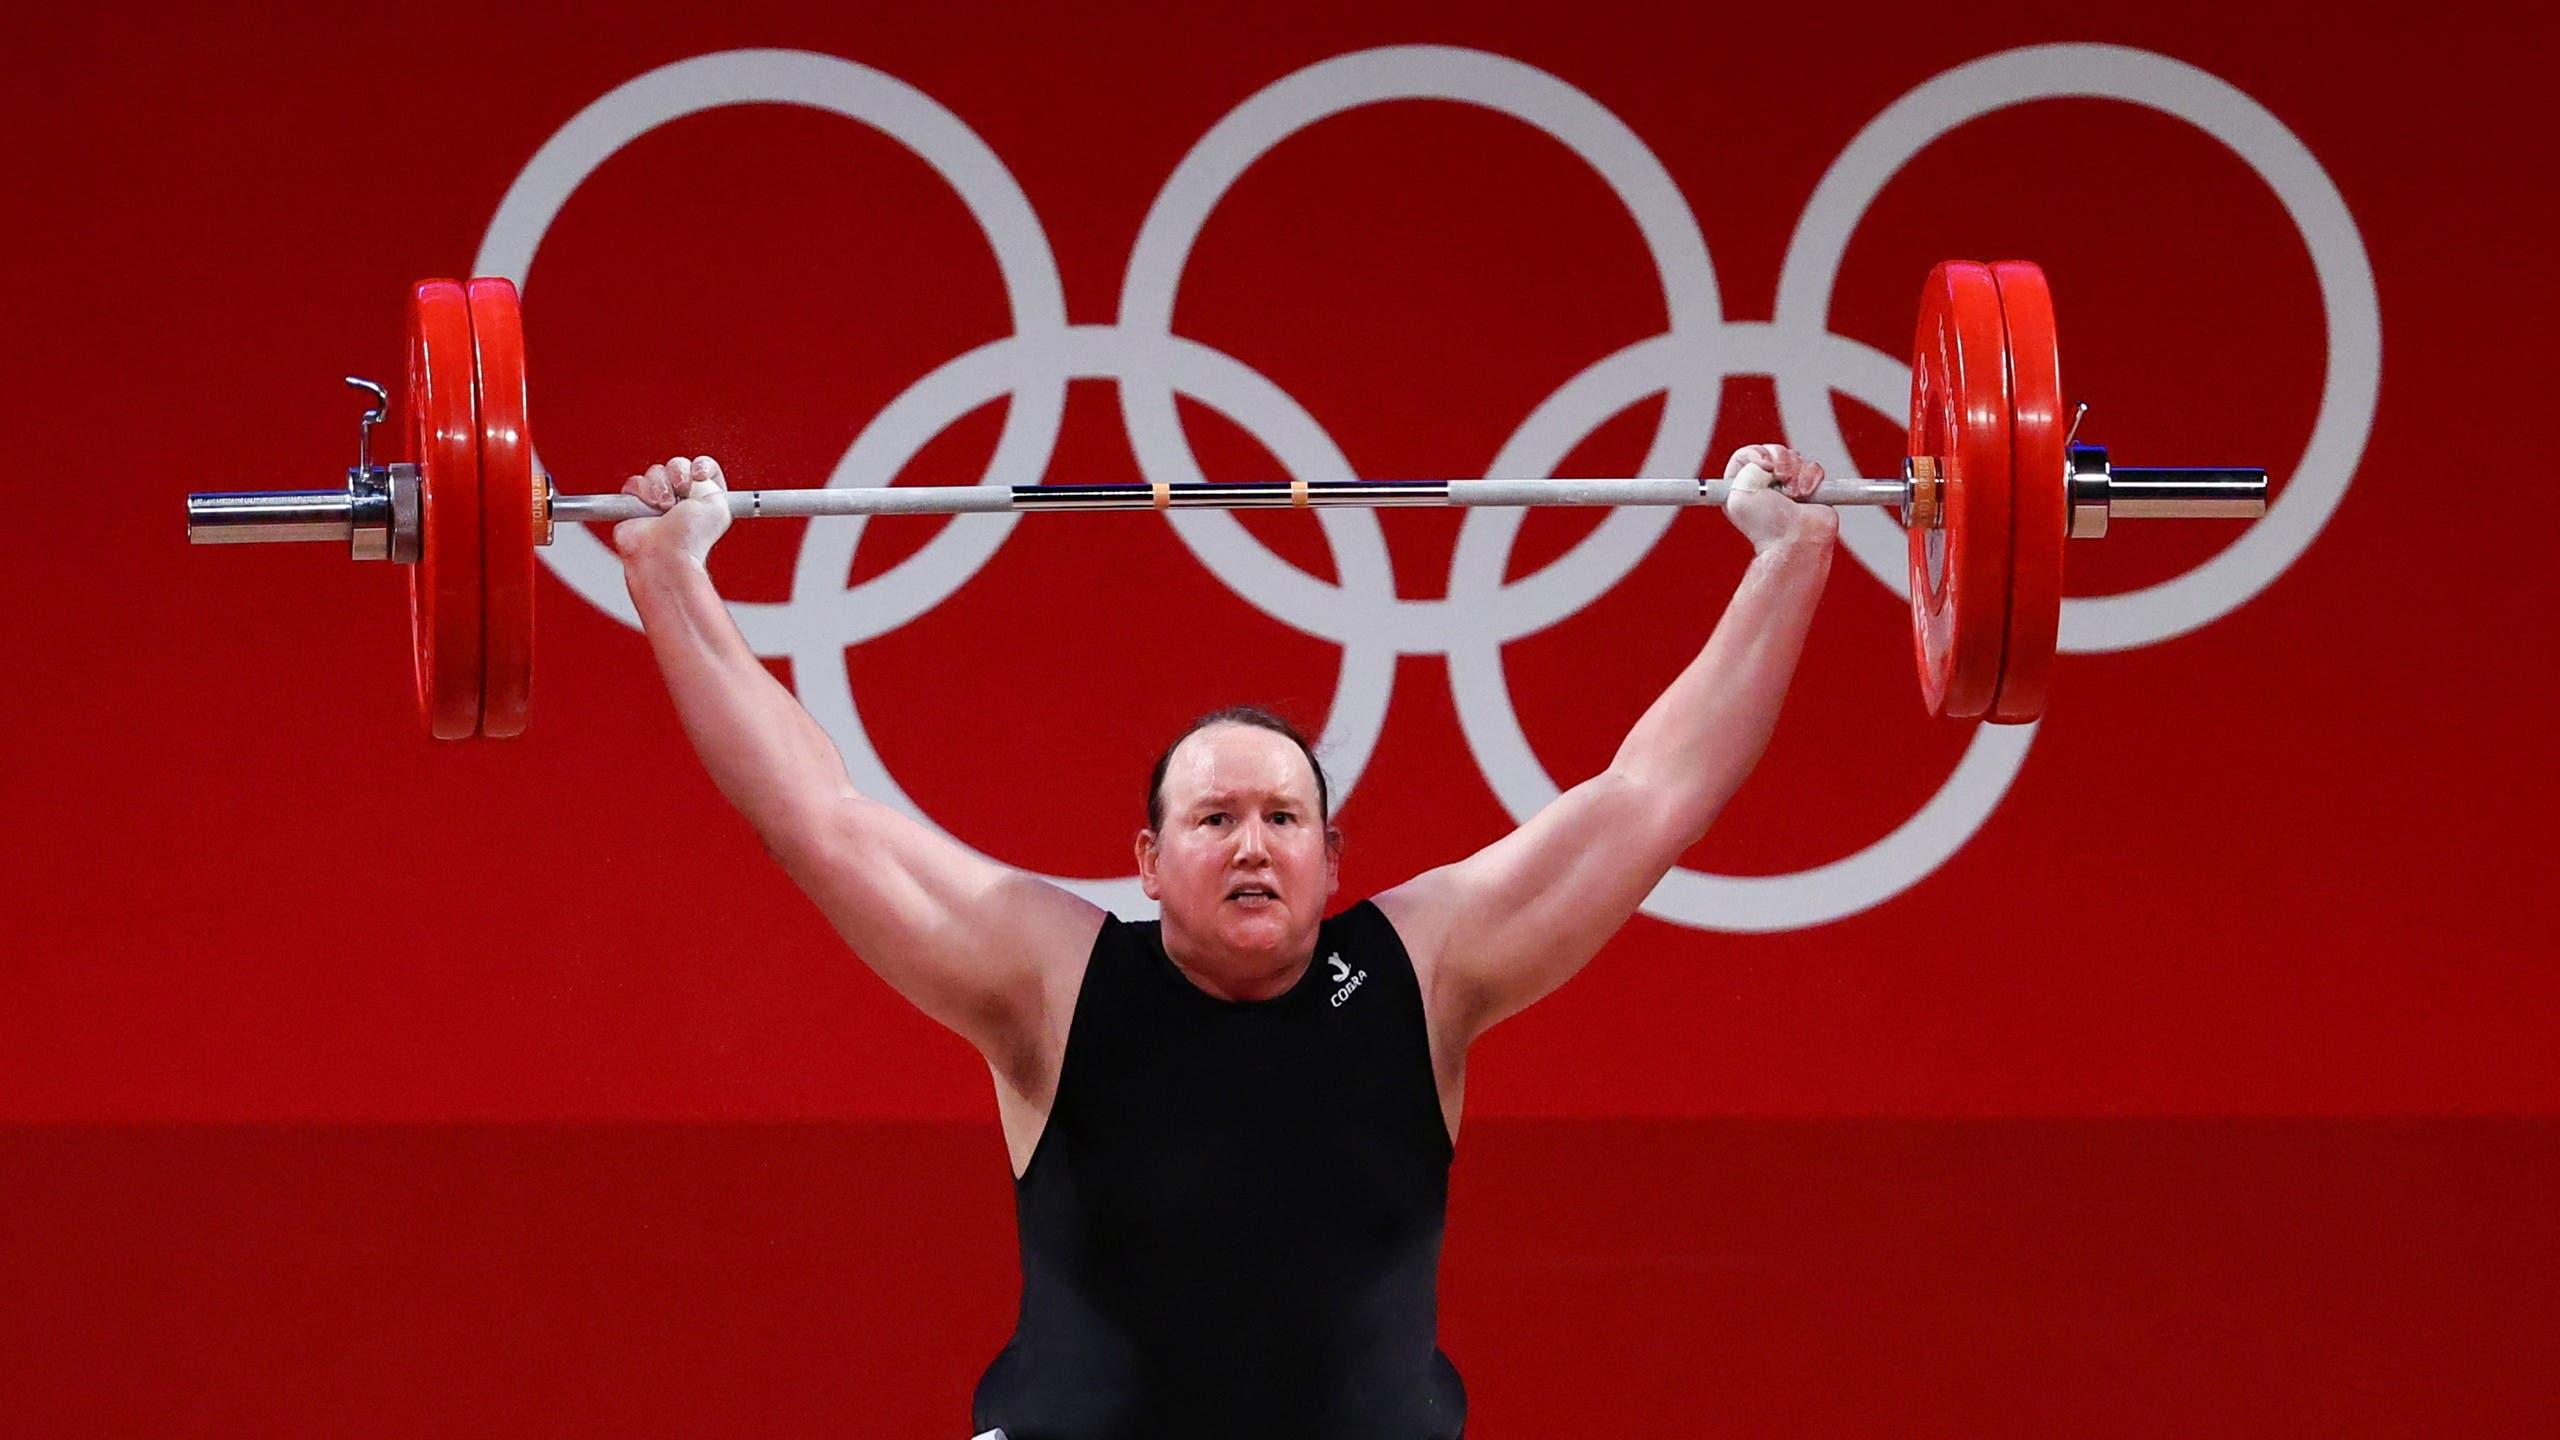 Laurel Hubbard of New Zealand in action. (Reuters)